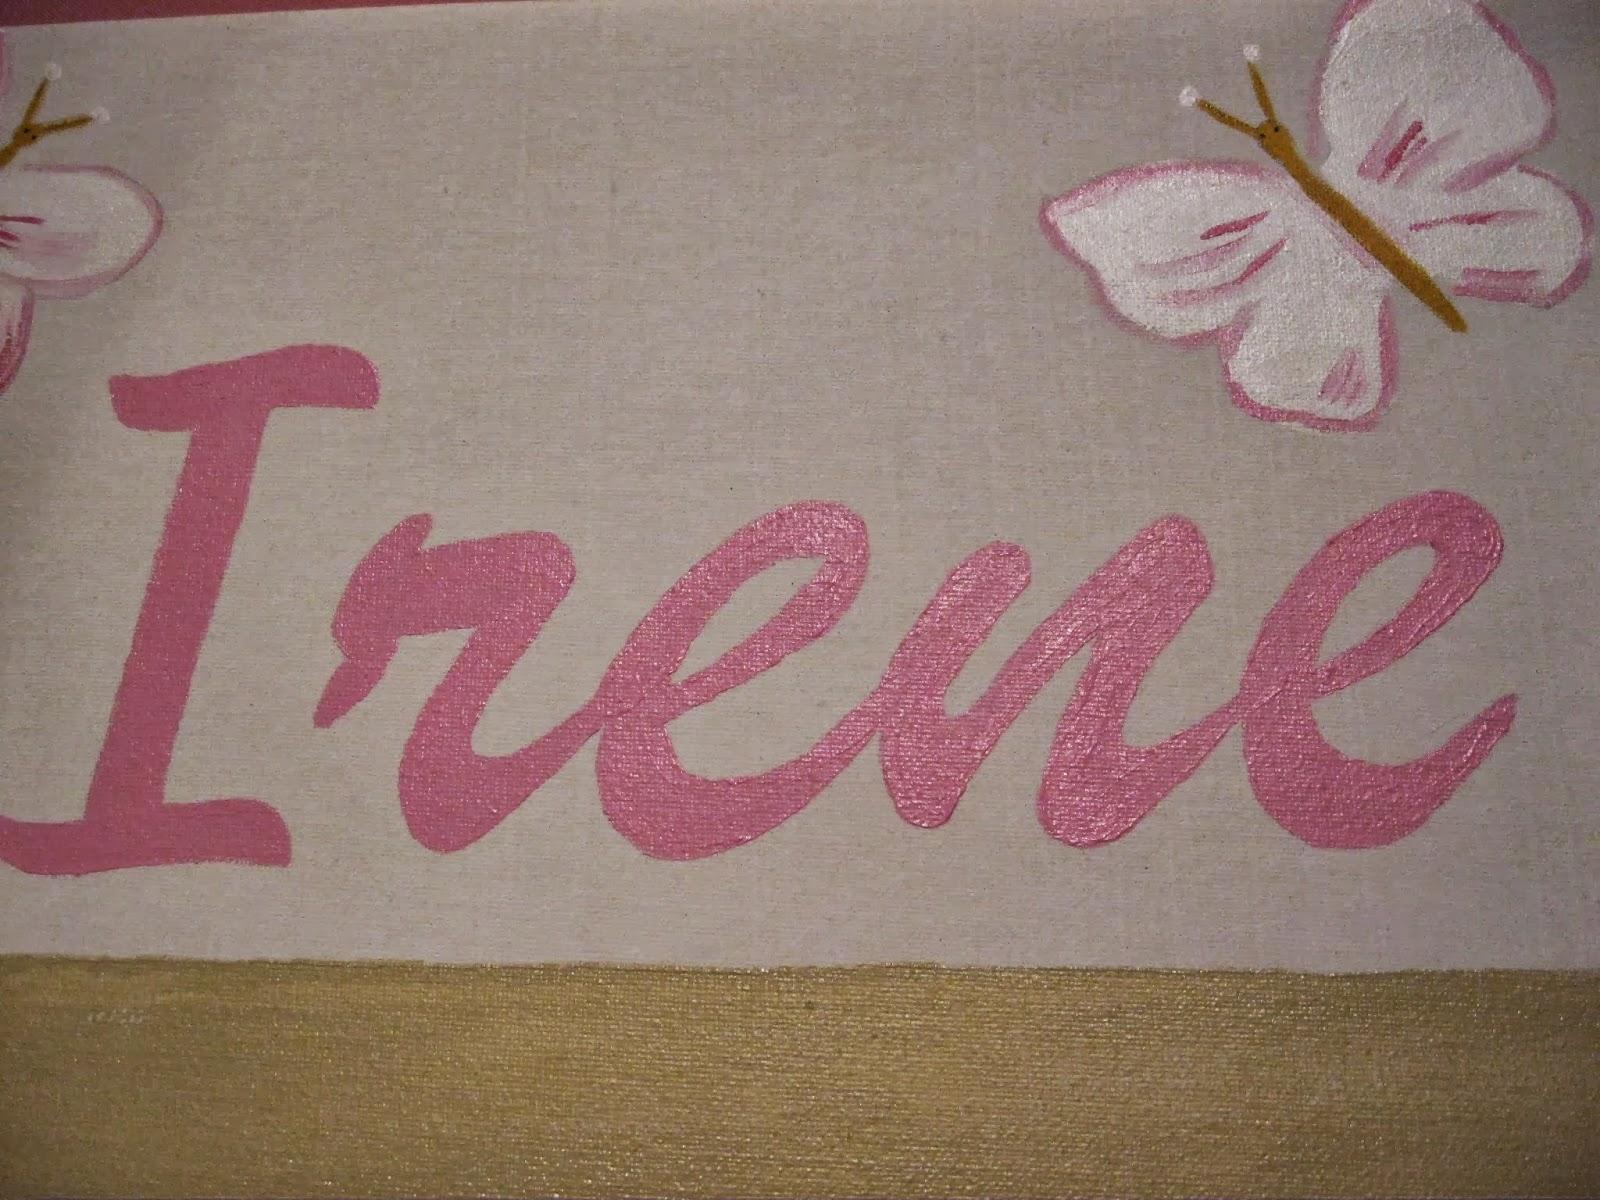 Peque decora cuadros para bebe personalizados con nombre - Cuadros para habitacion de bebe ...